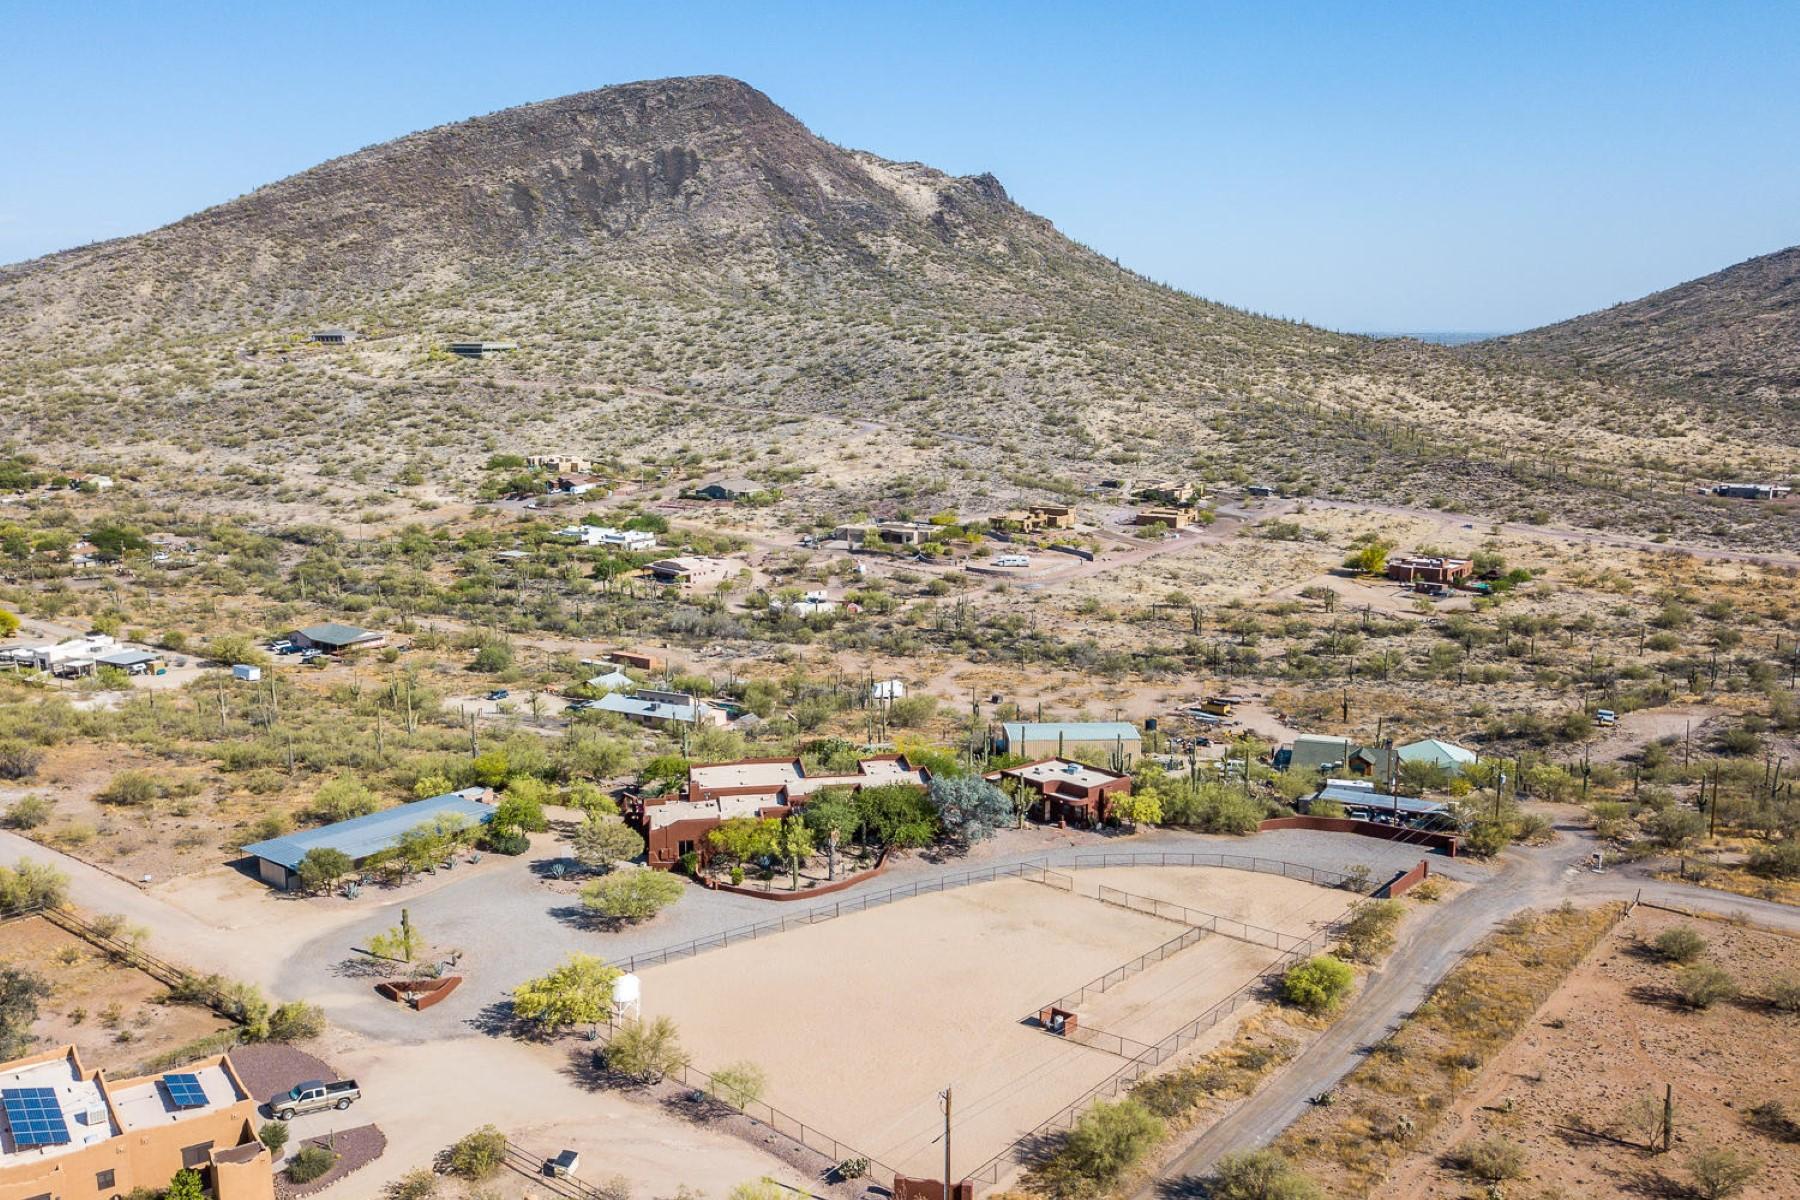 土地,用地 为 销售 在 43011 N 18th Street, New River, AZ 85087 43011 N 18th Street 新河, 亚利桑那州 85087 美国